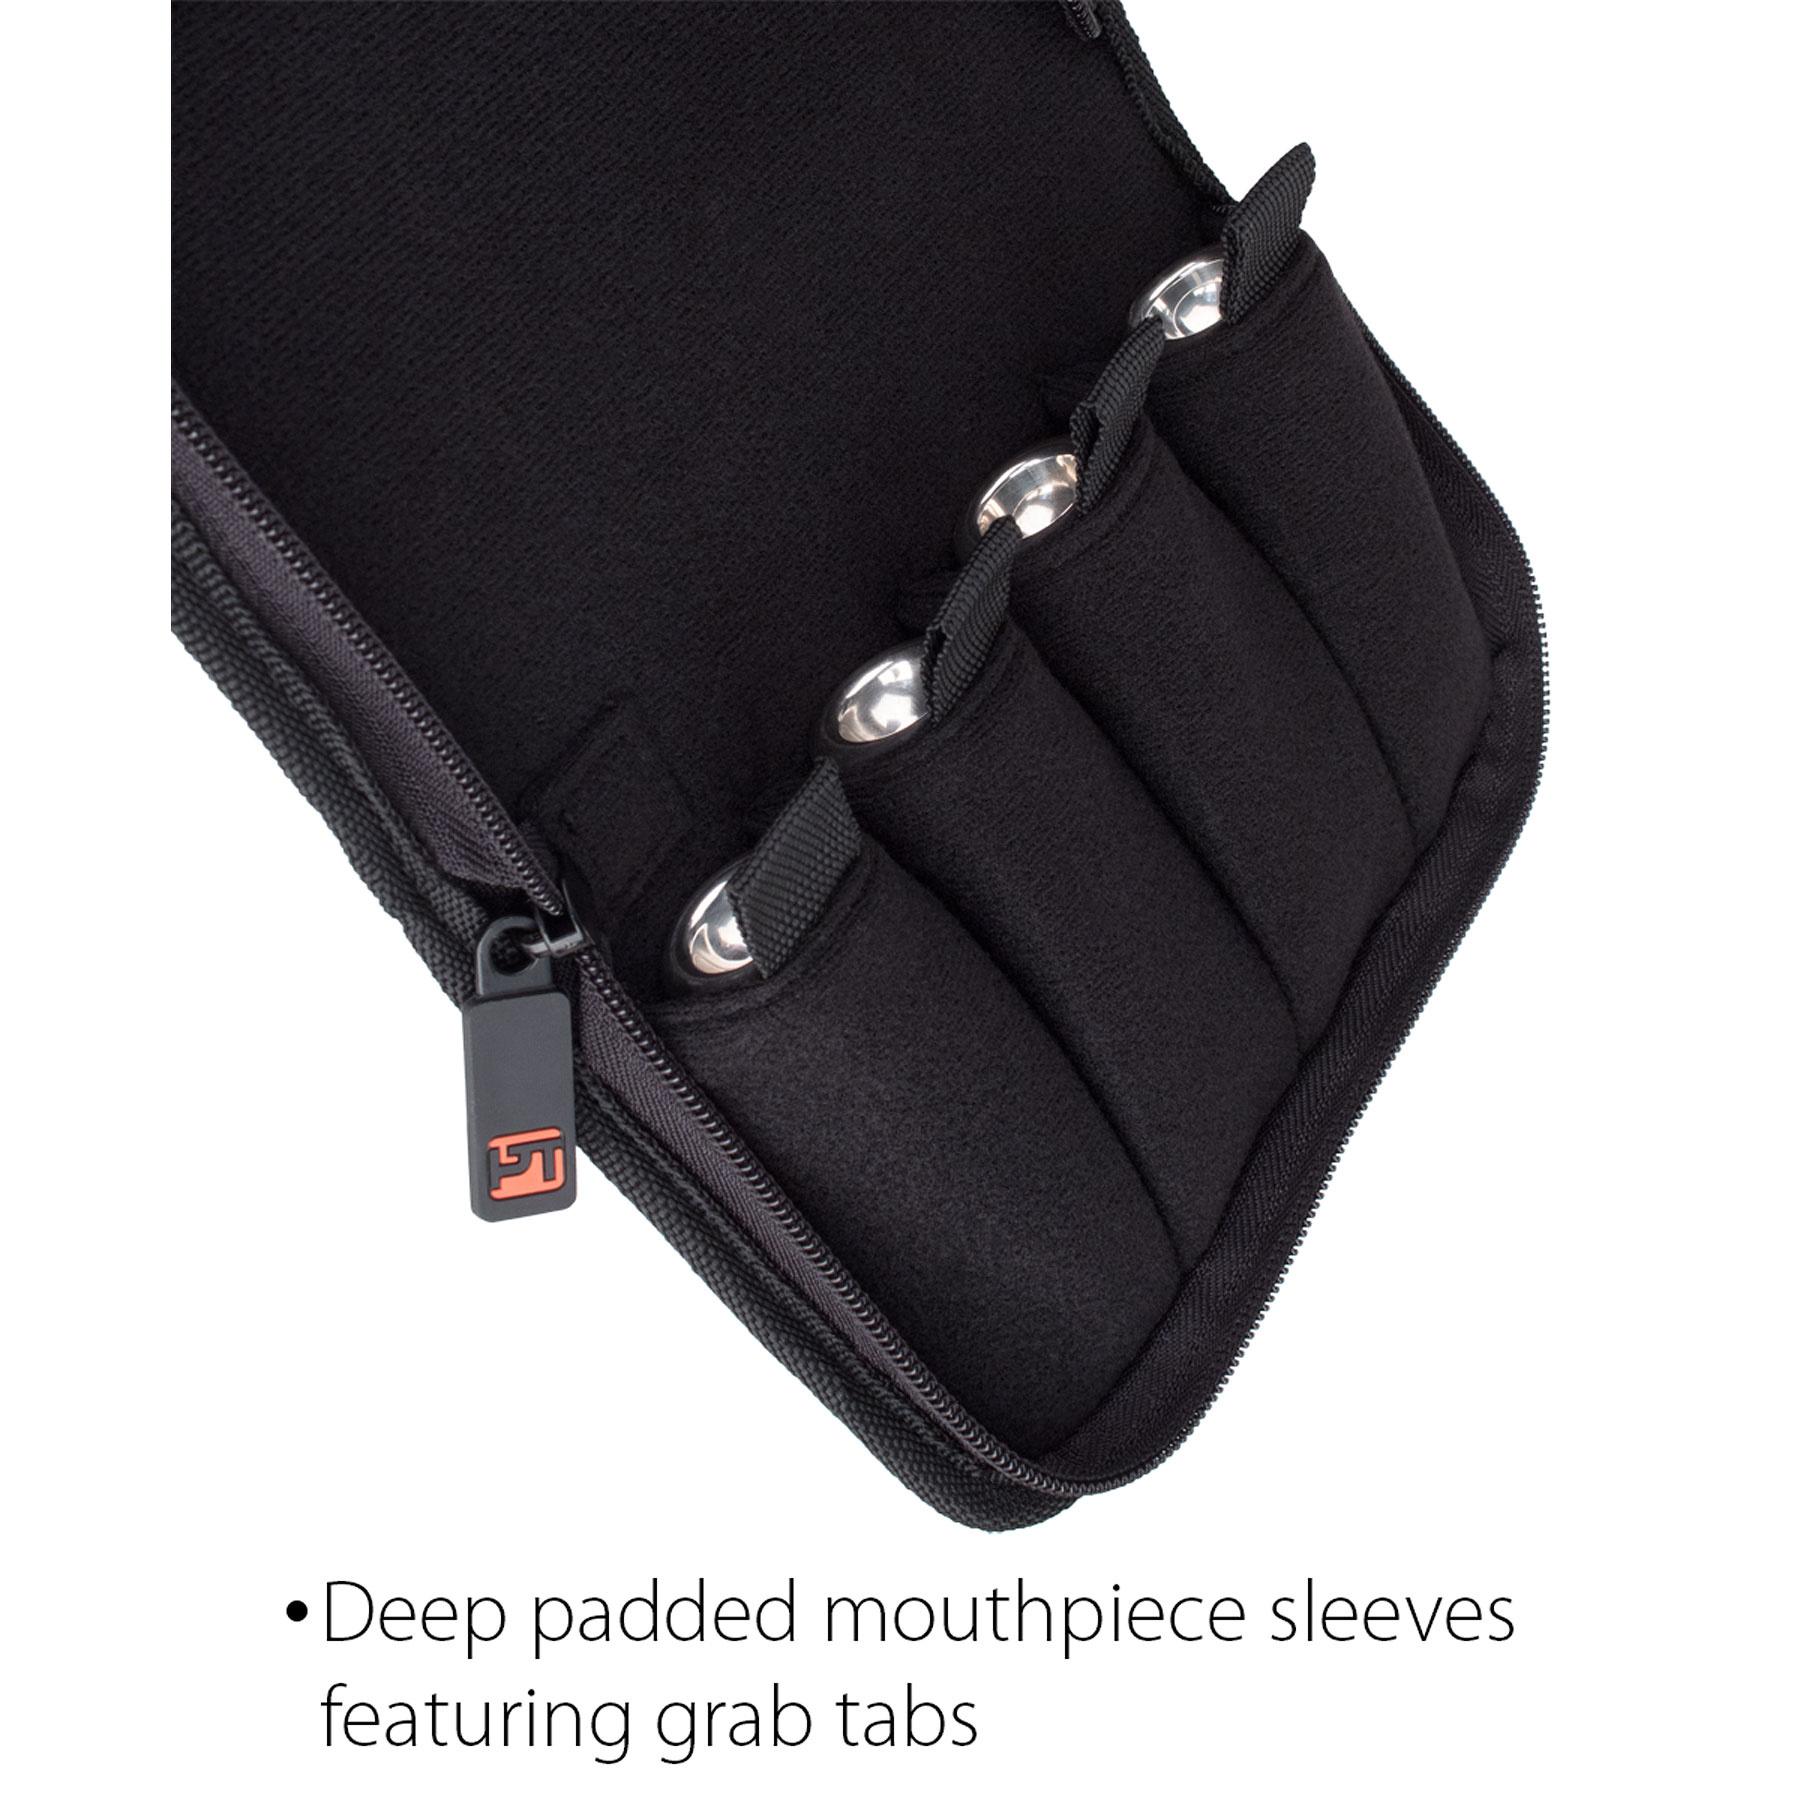 Protec Protec Trumpet Nylon Mouthpiece Pouch - 4 Piece